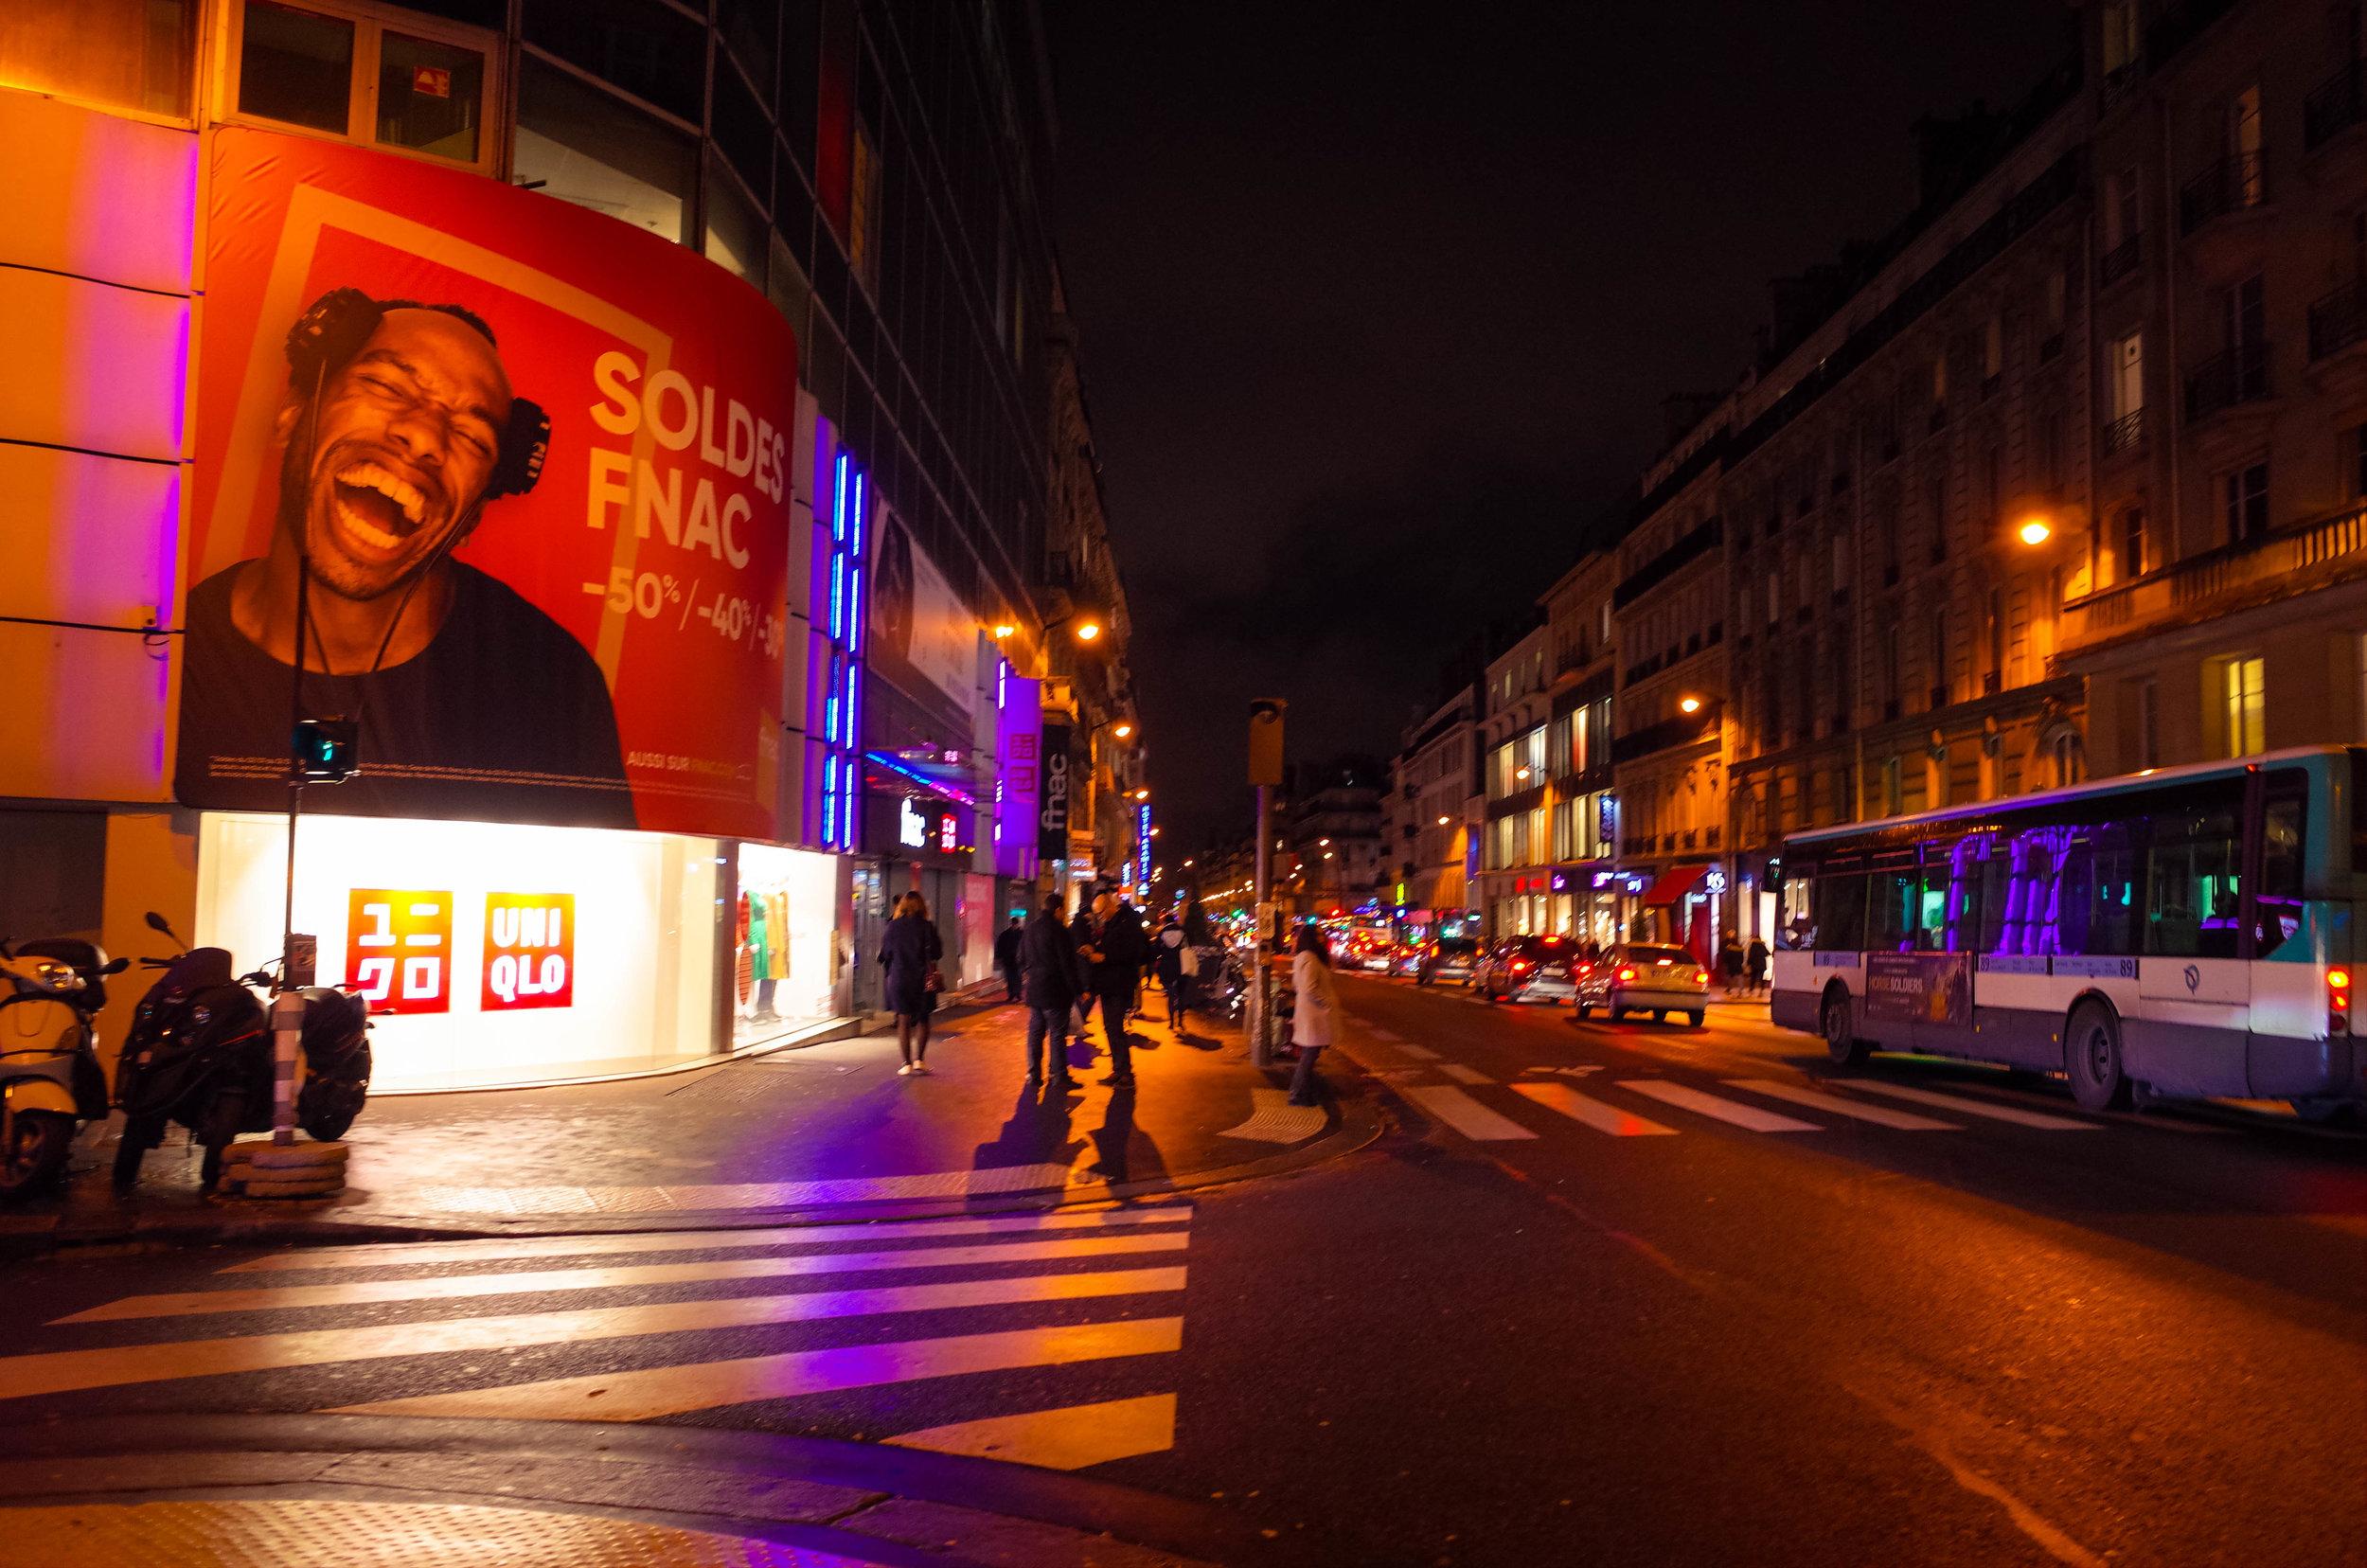 NightShades (Rue des Rennes)